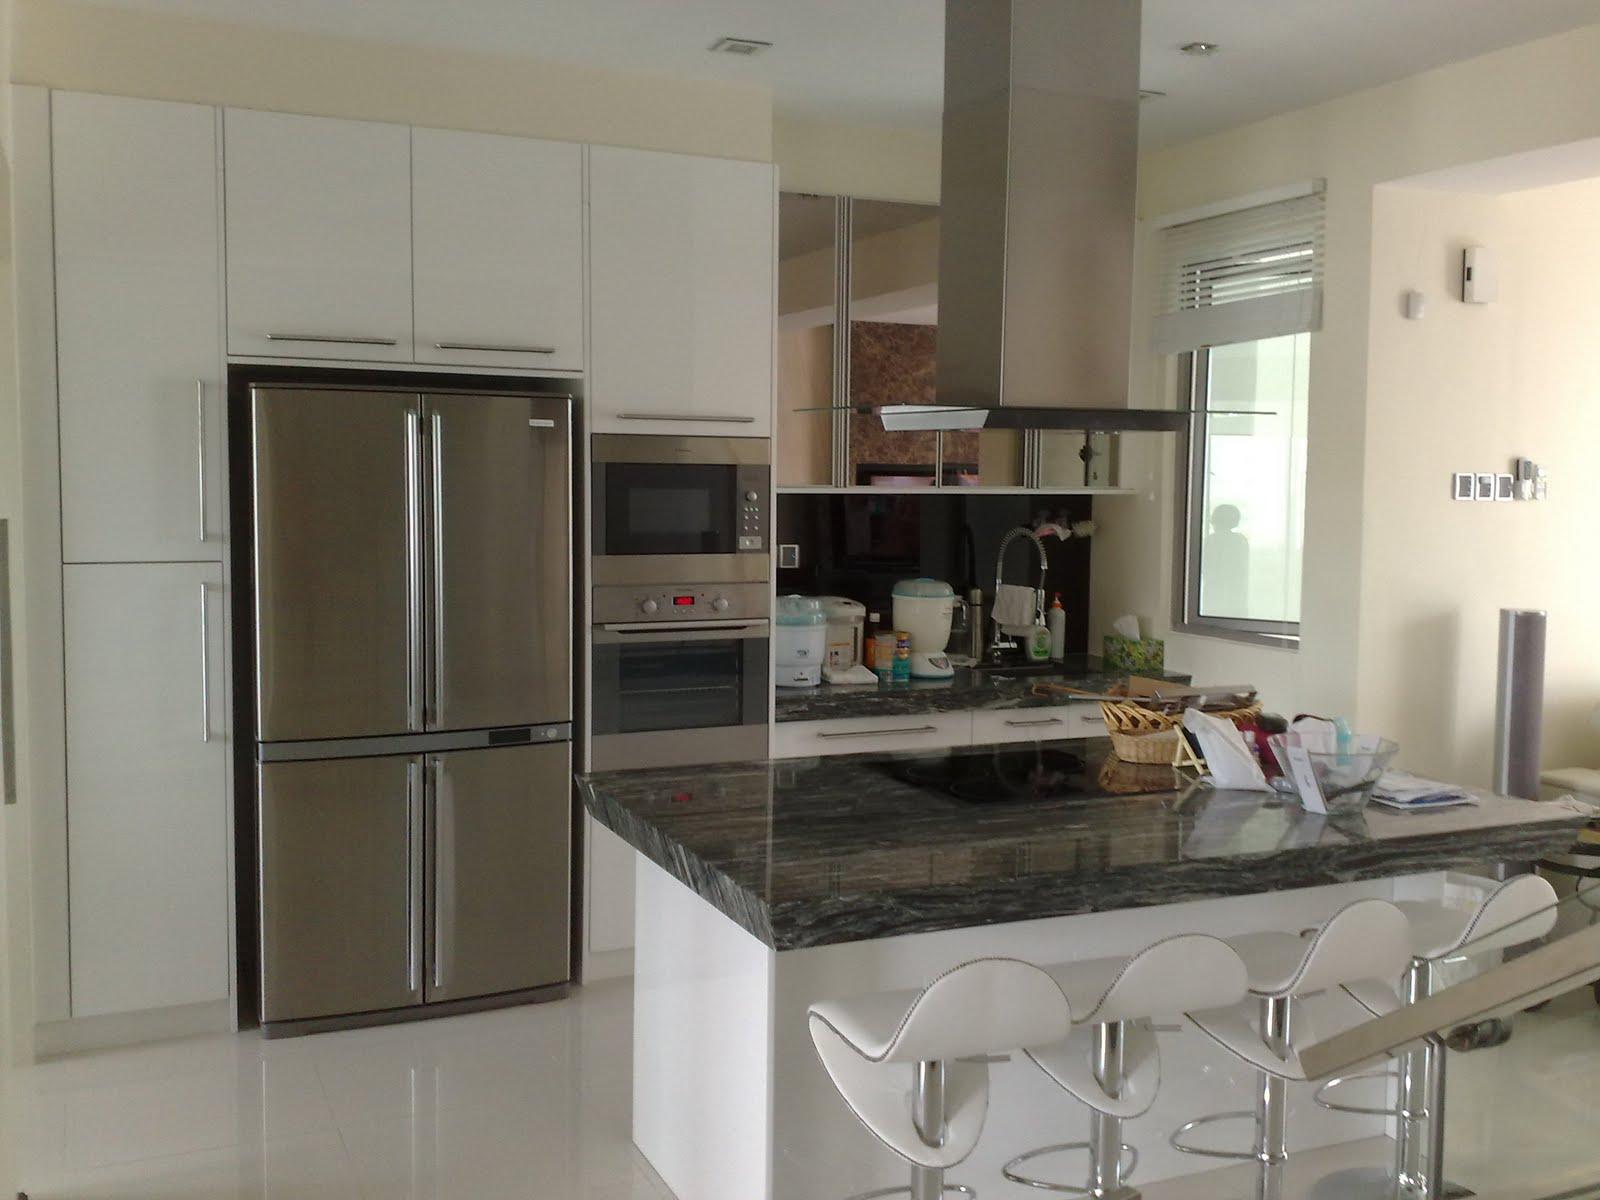 ab kitchen cabinet sdn  bhd  kitchen cabinet sdn  bhd   rh   ab kitchen blogspot com